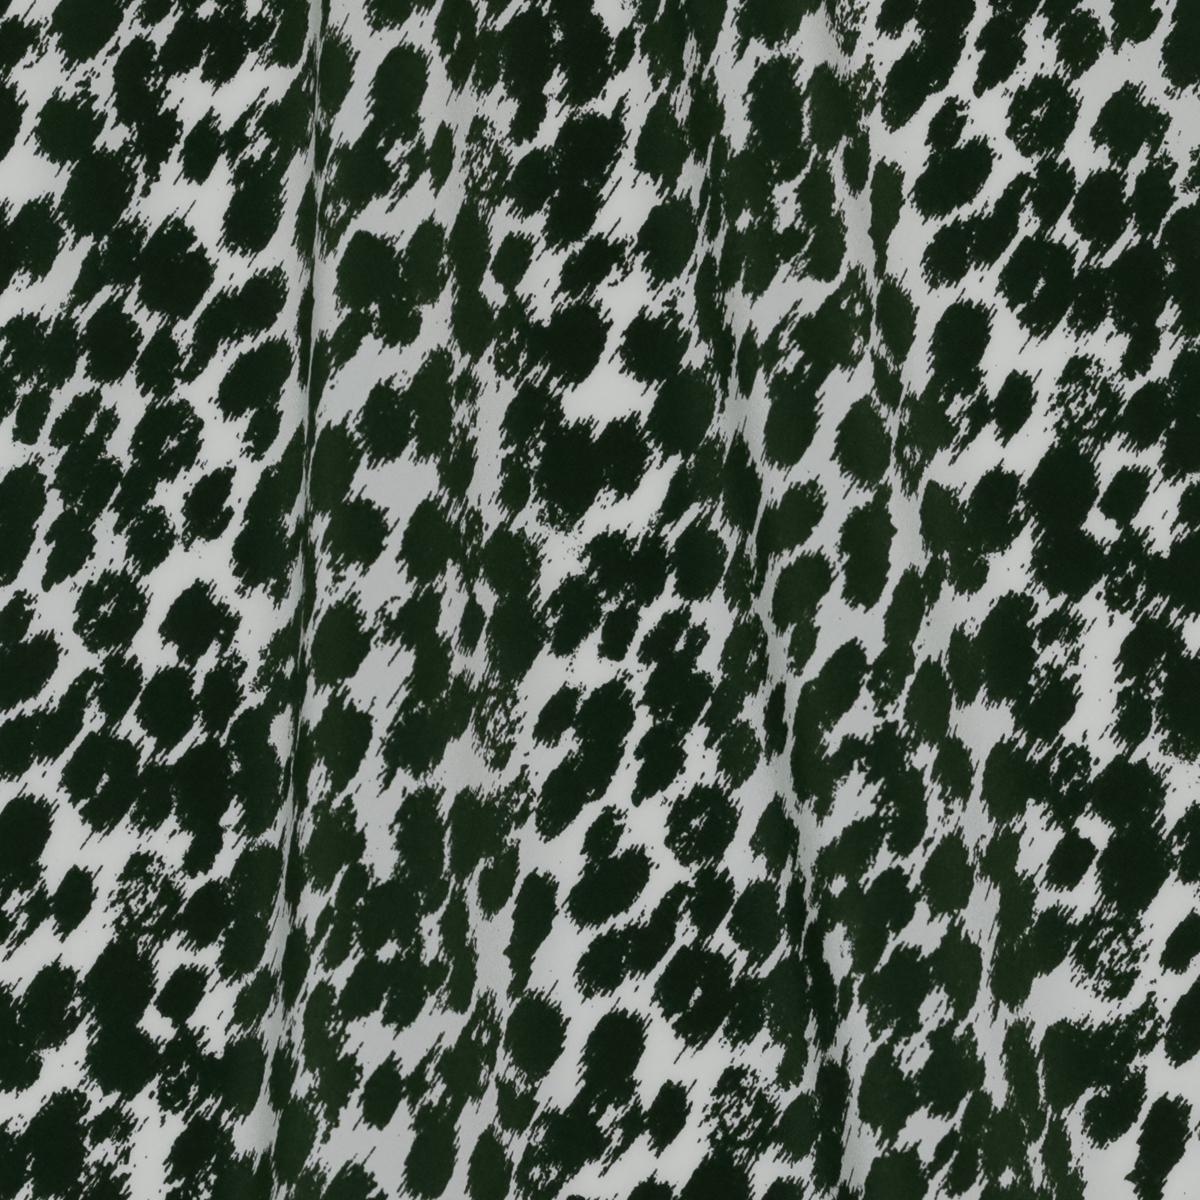 Матовый, молочный блузочный шелковый крепдешин в зелёные пятна